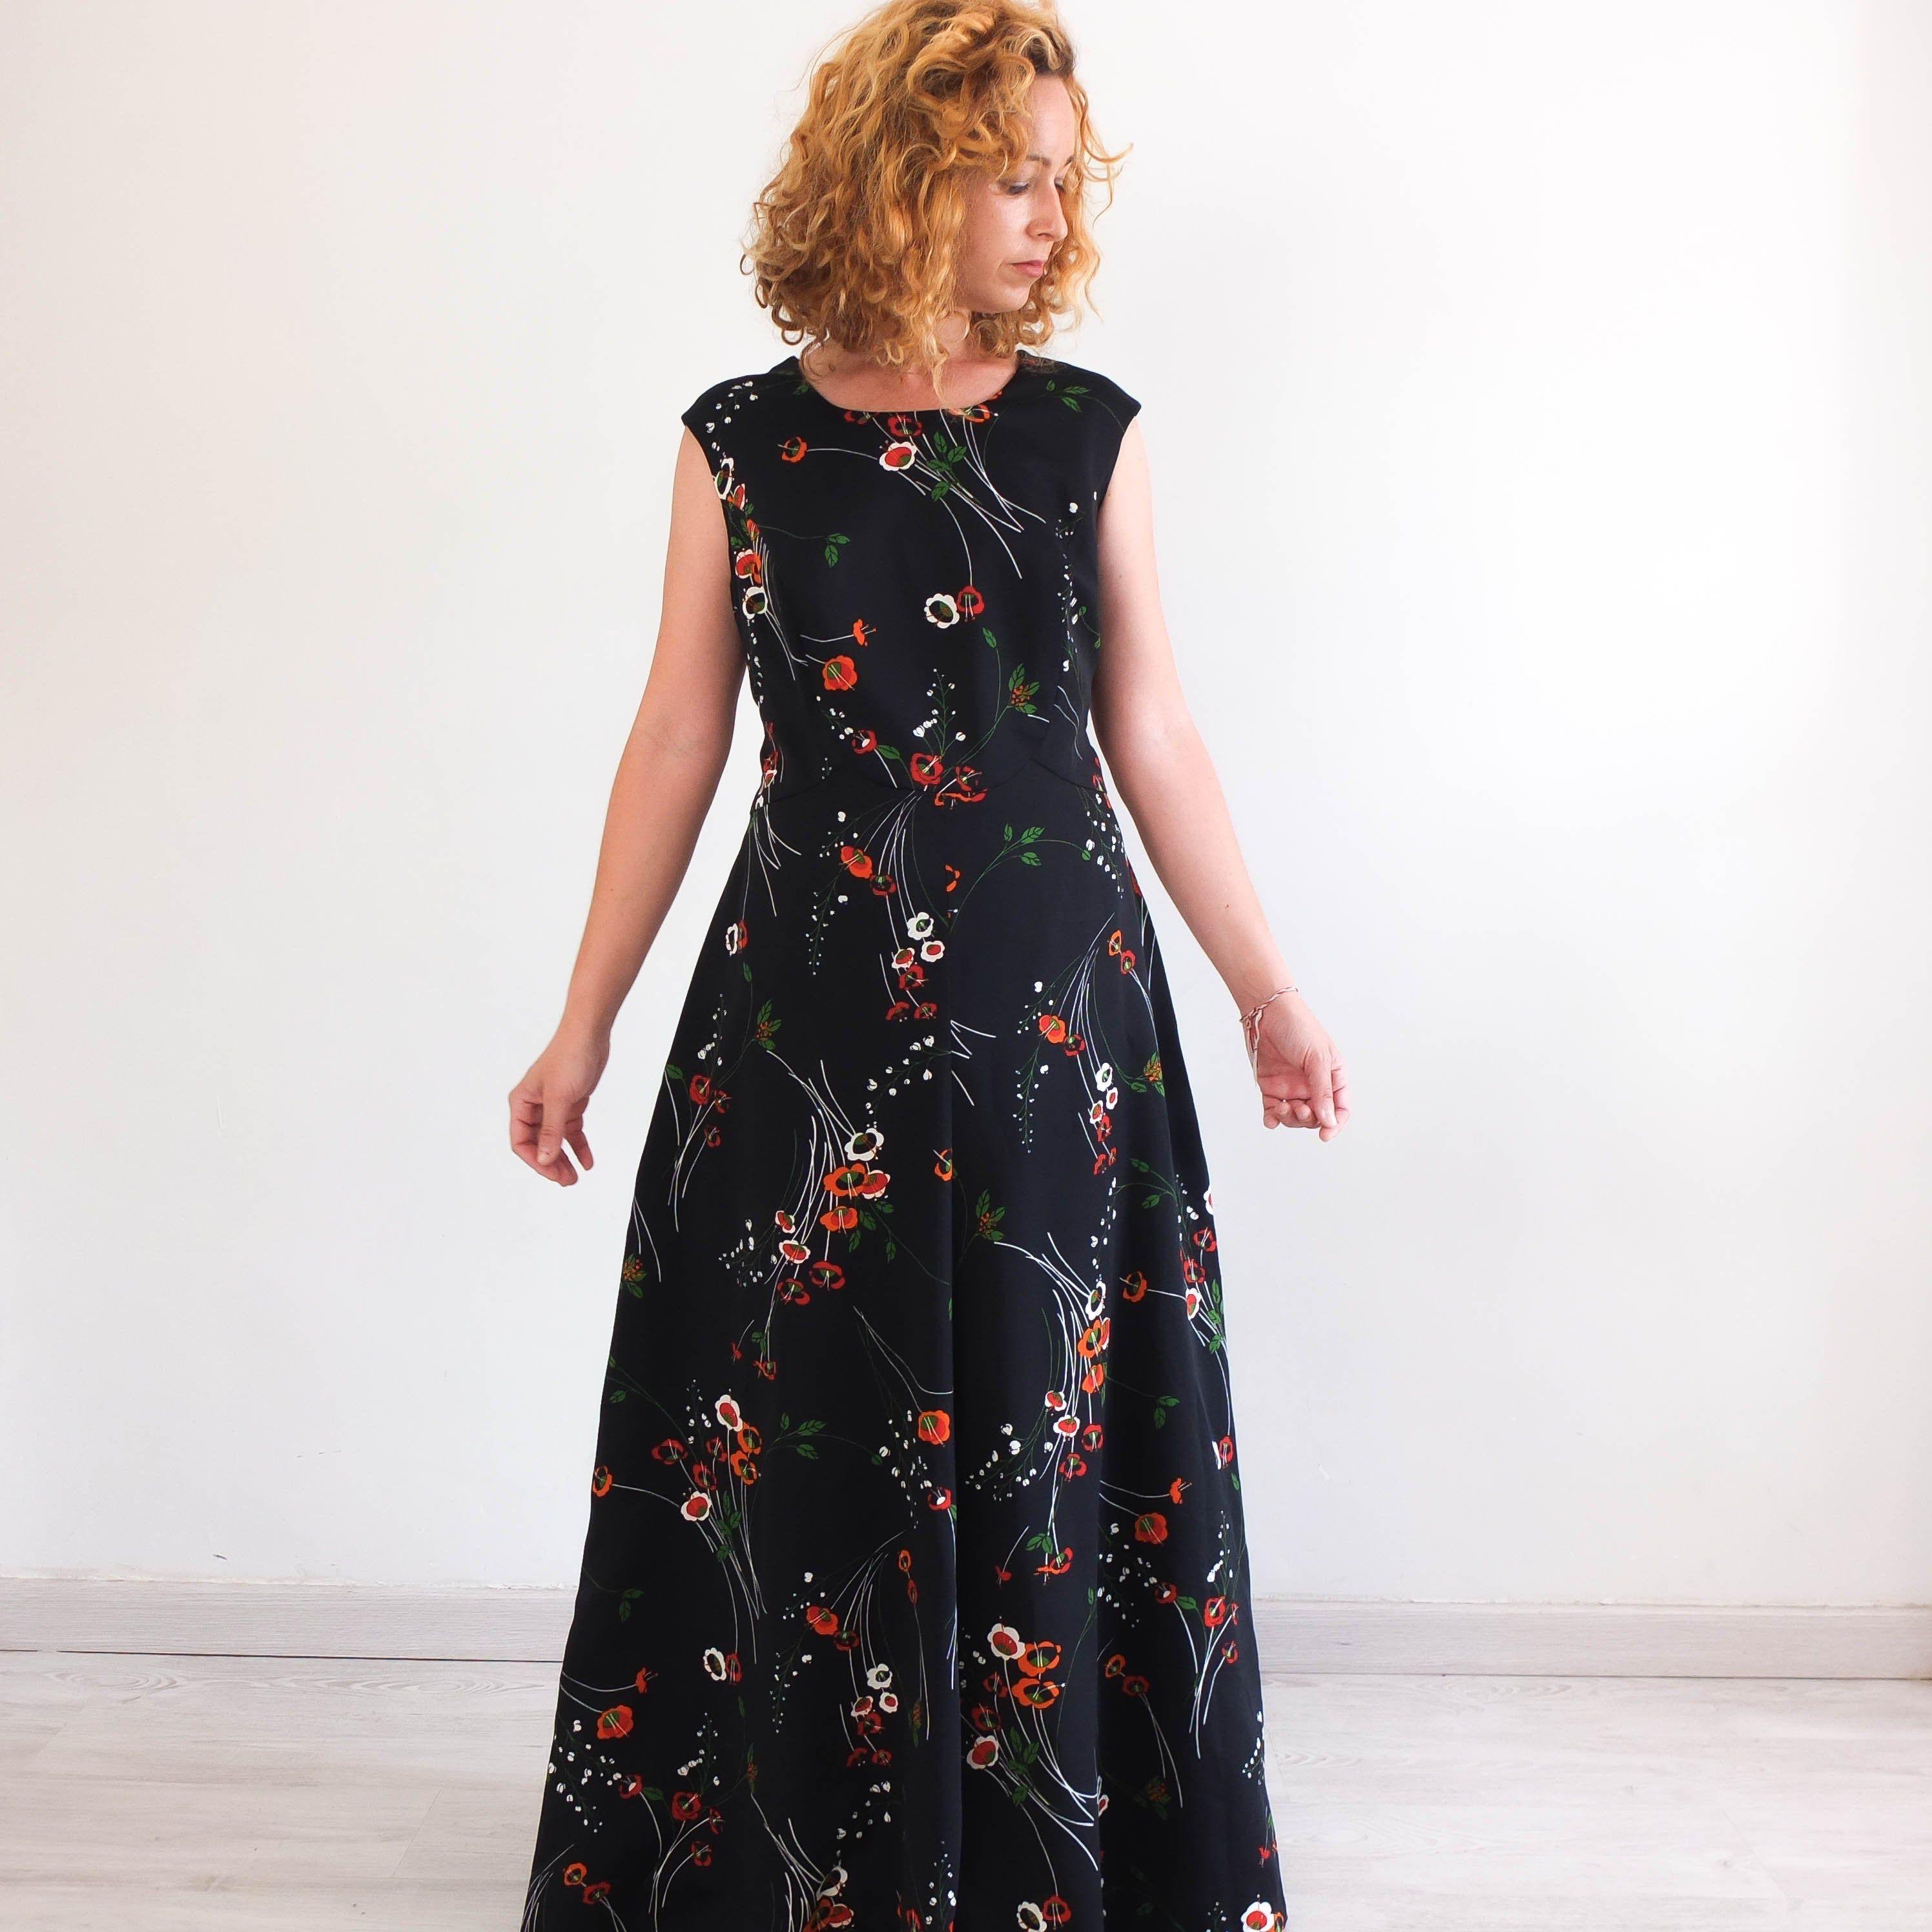 Vintage 70s Black Floral Maxi Dress Plus Size Retro Colorful Etsy Black Floral Maxi Dress Floral Maxi Dress Plus Size Maxi Dresses [ 2992 x 2992 Pixel ]